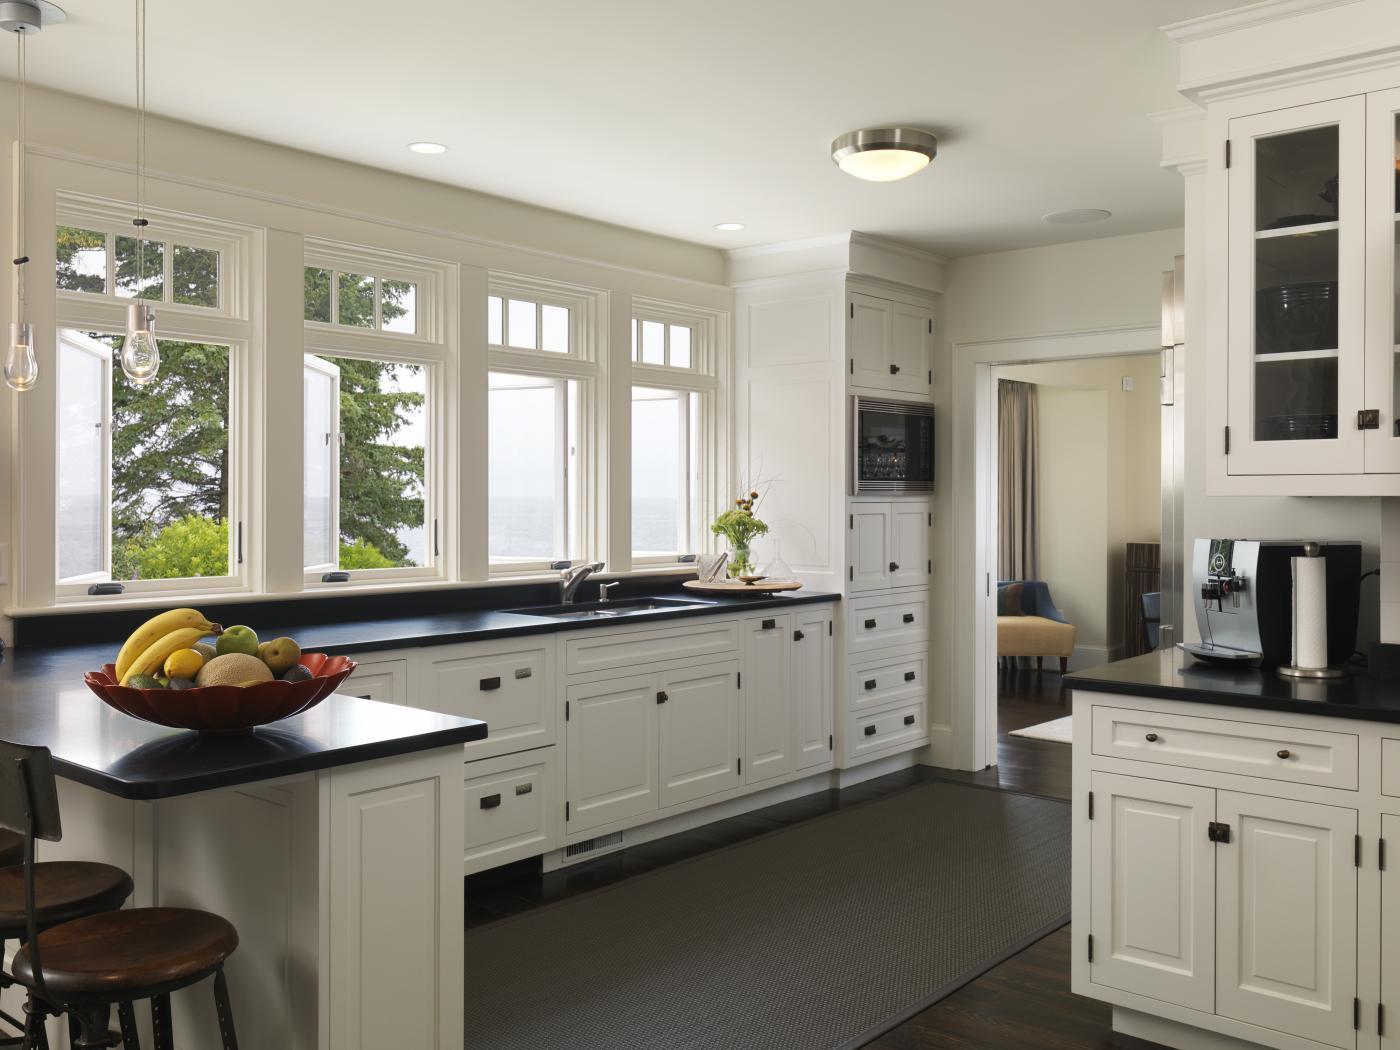 Белая кухня европейский дизайн фото